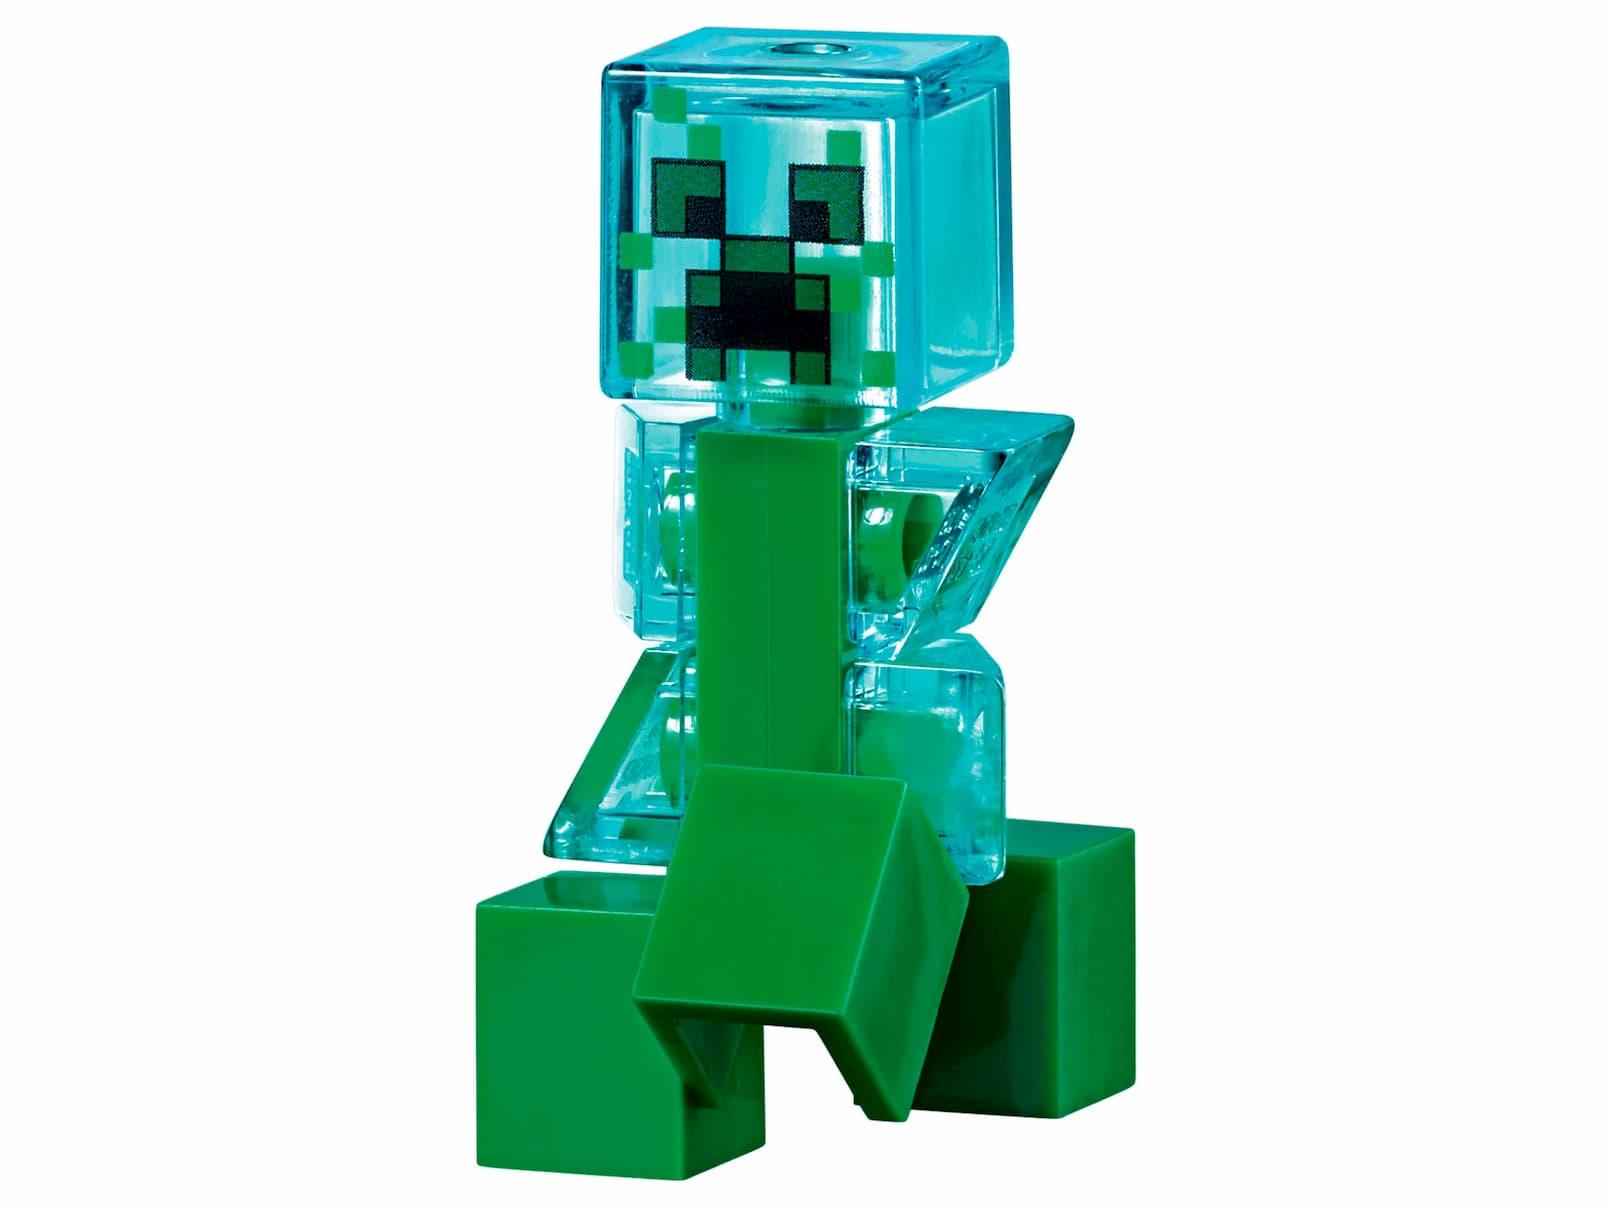 Конструктор Ll «Горная пещера» 33175 (Minecraft 21137) / 2164 детали